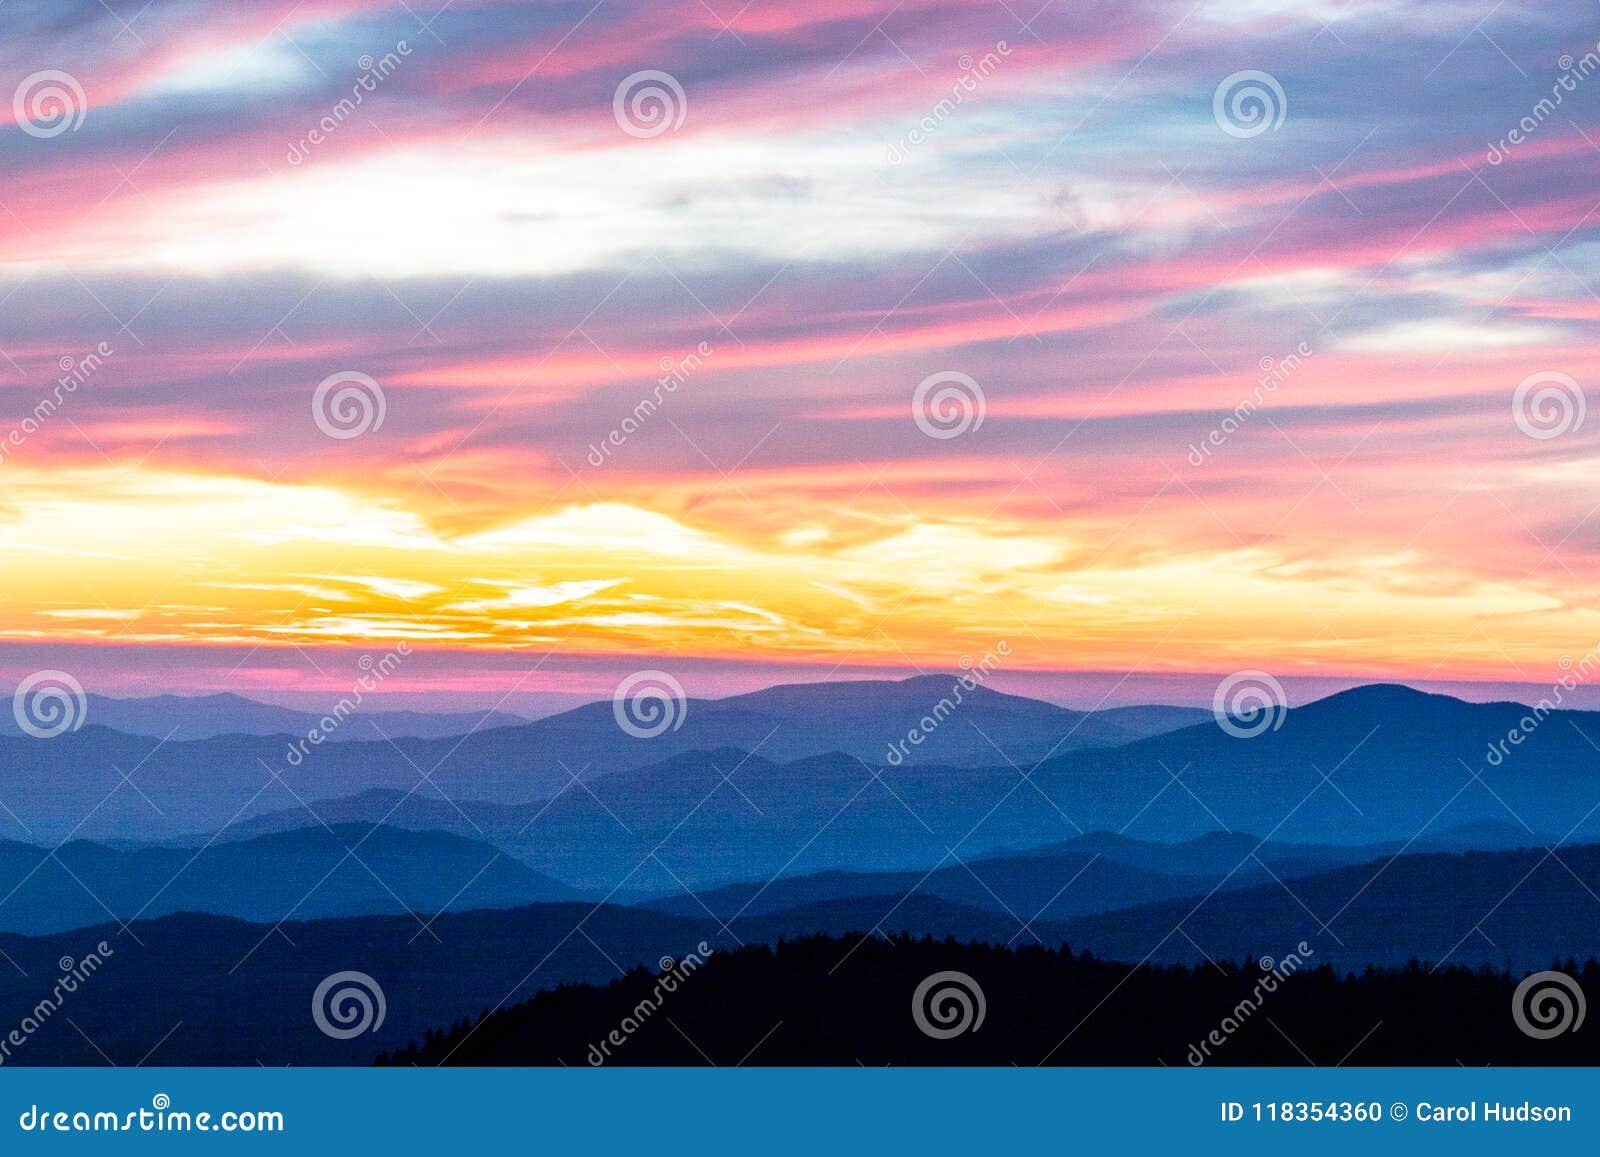 Красочный заход солнца в больших закоптелых горах в Теннесси